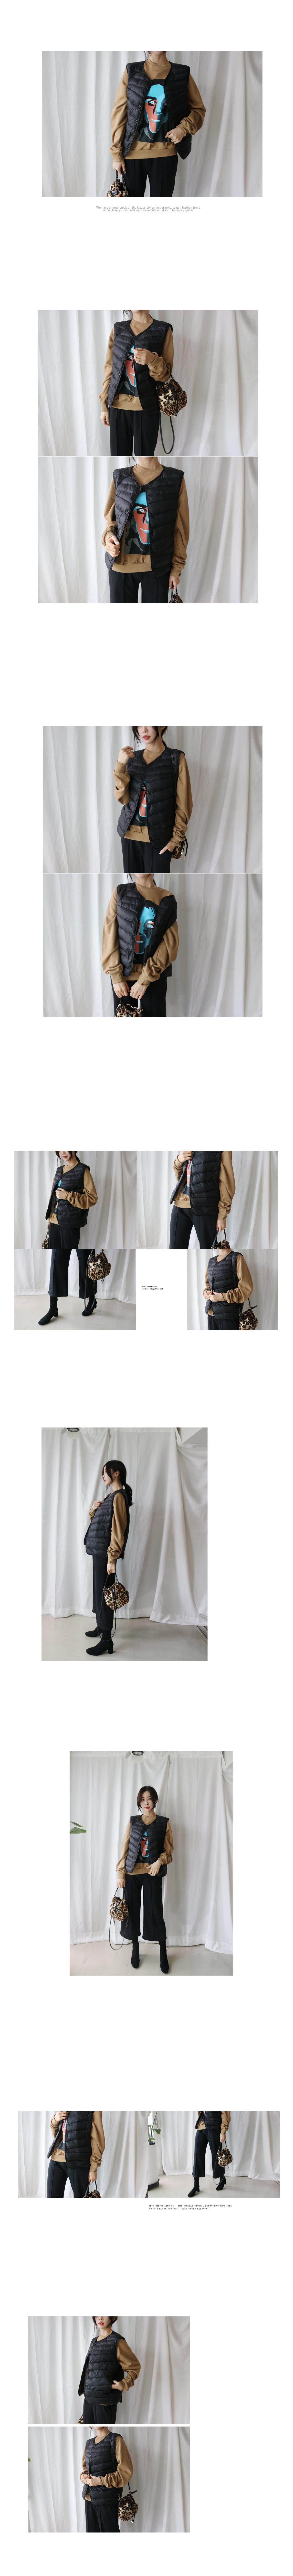 1031-1_shop1_012837.jpg